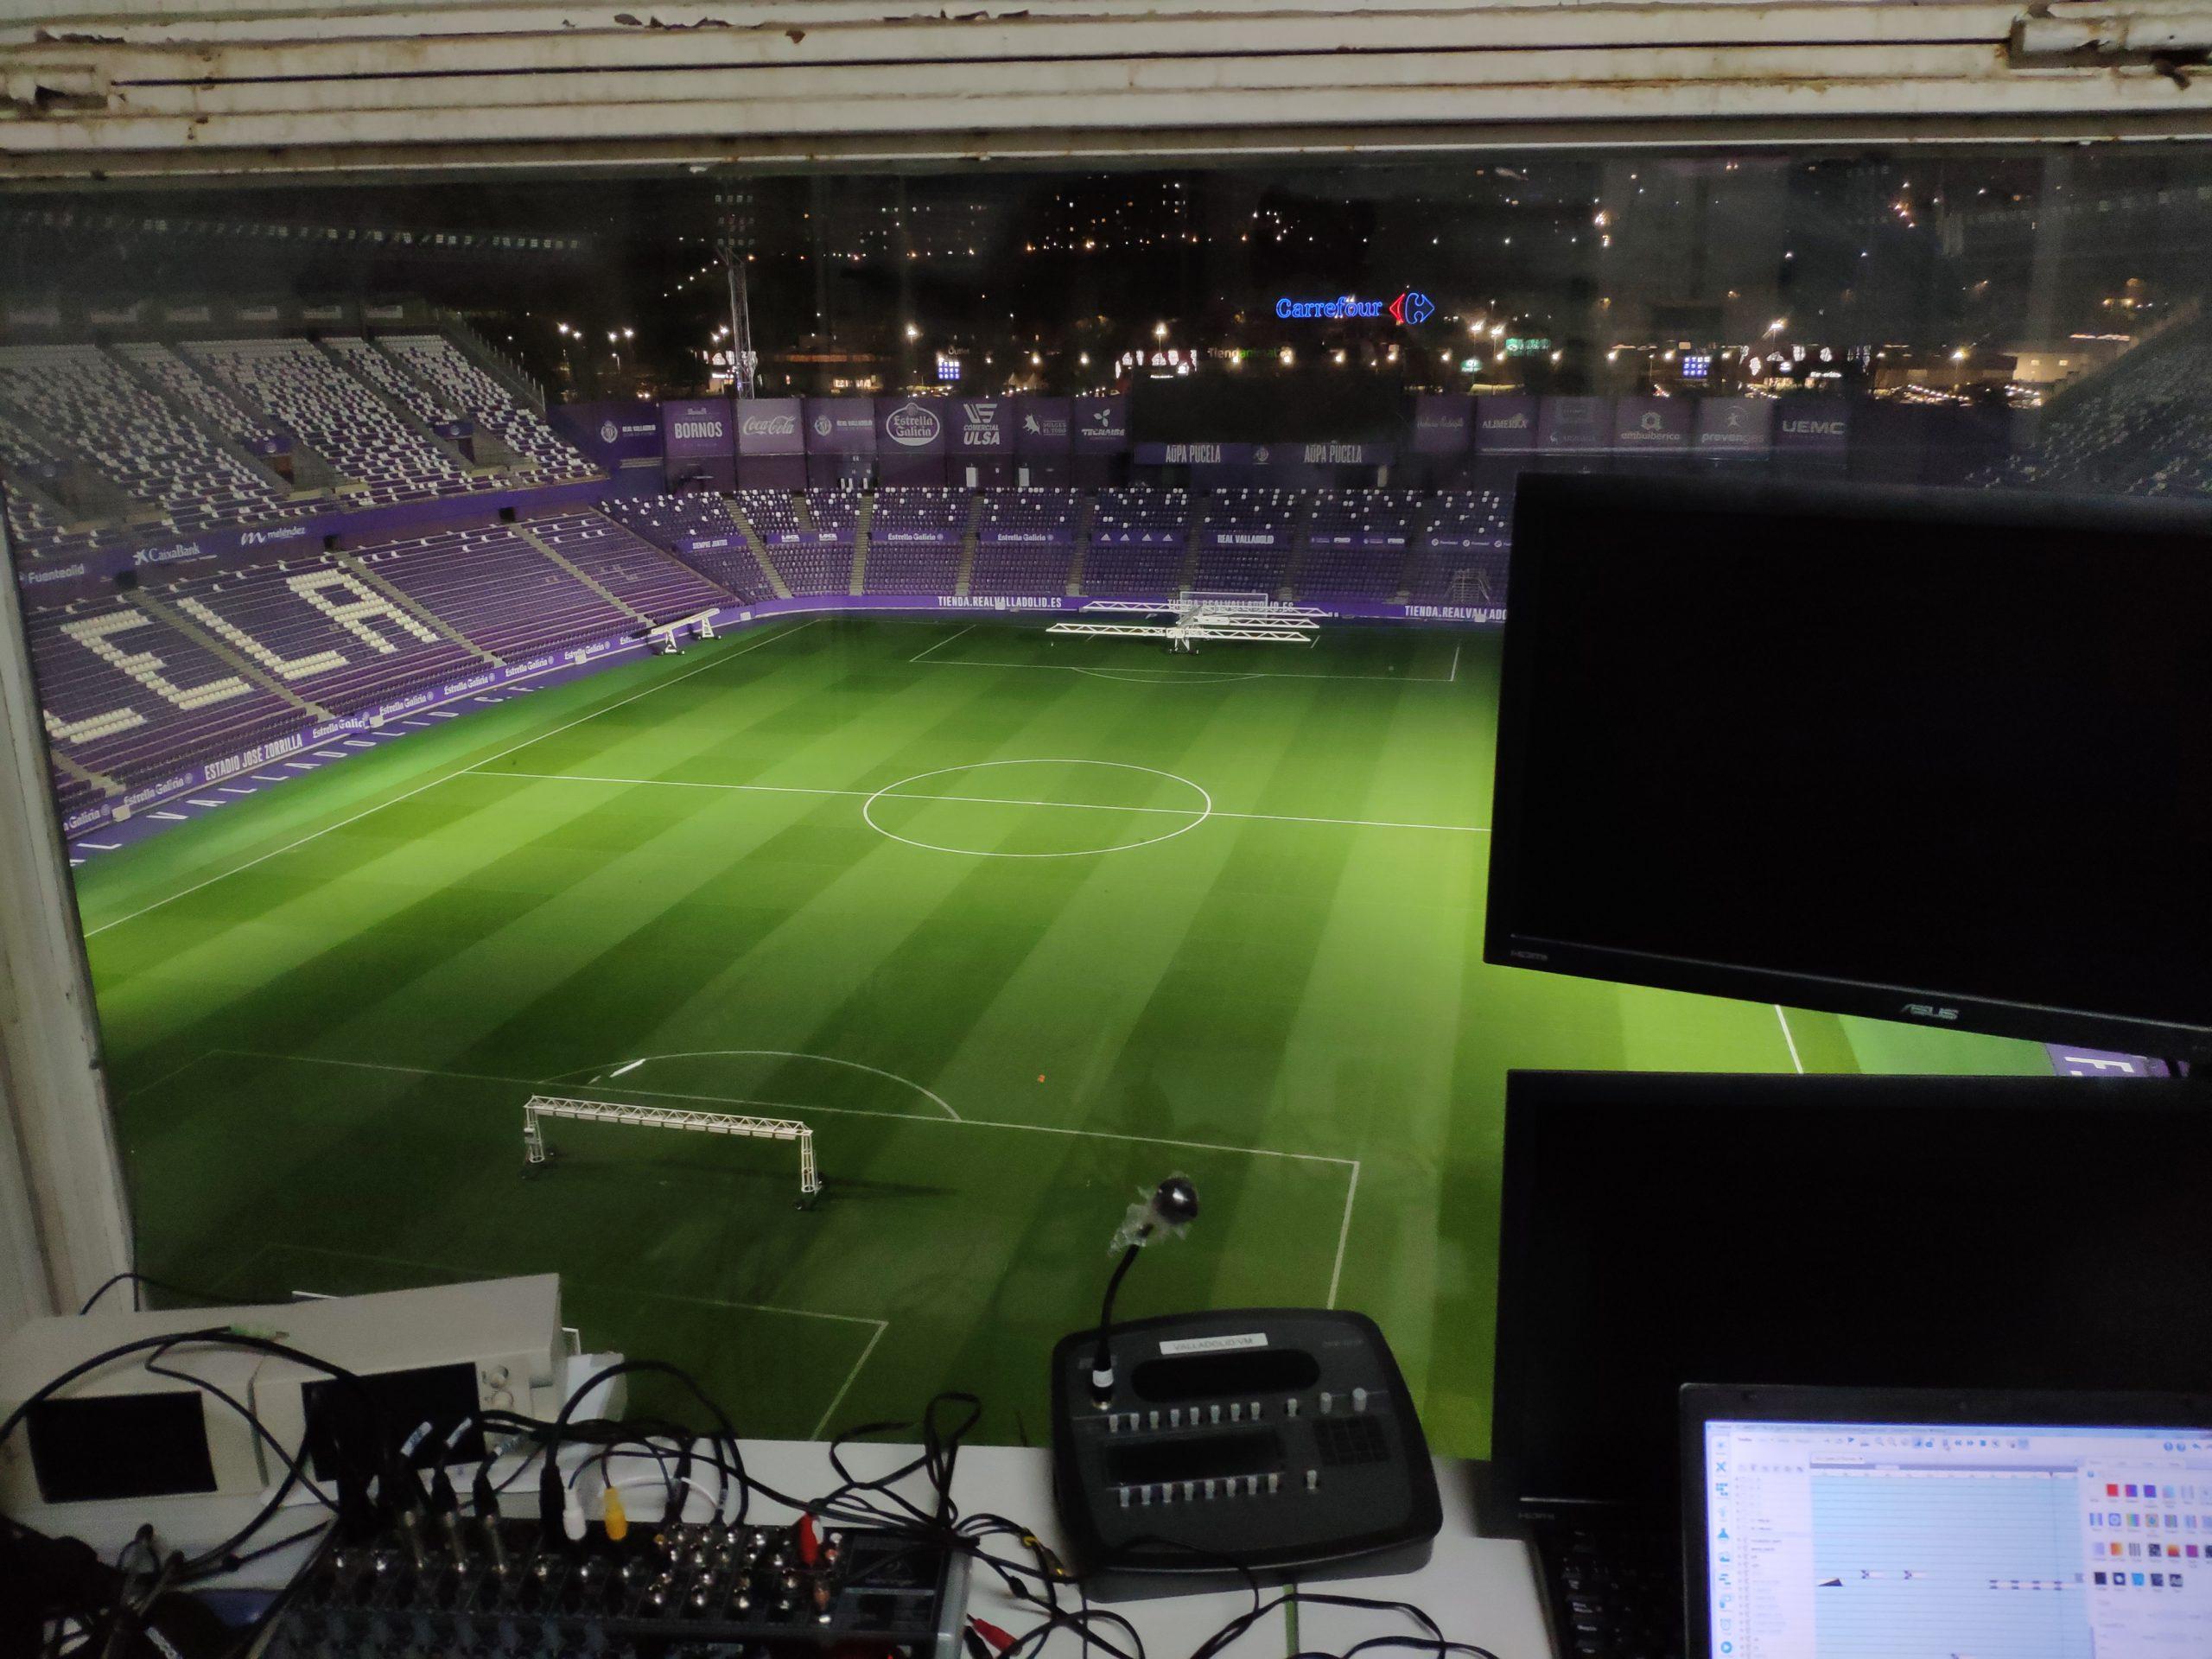 Estadio José Zorrilla (Real Valladolid CF), Valladolid